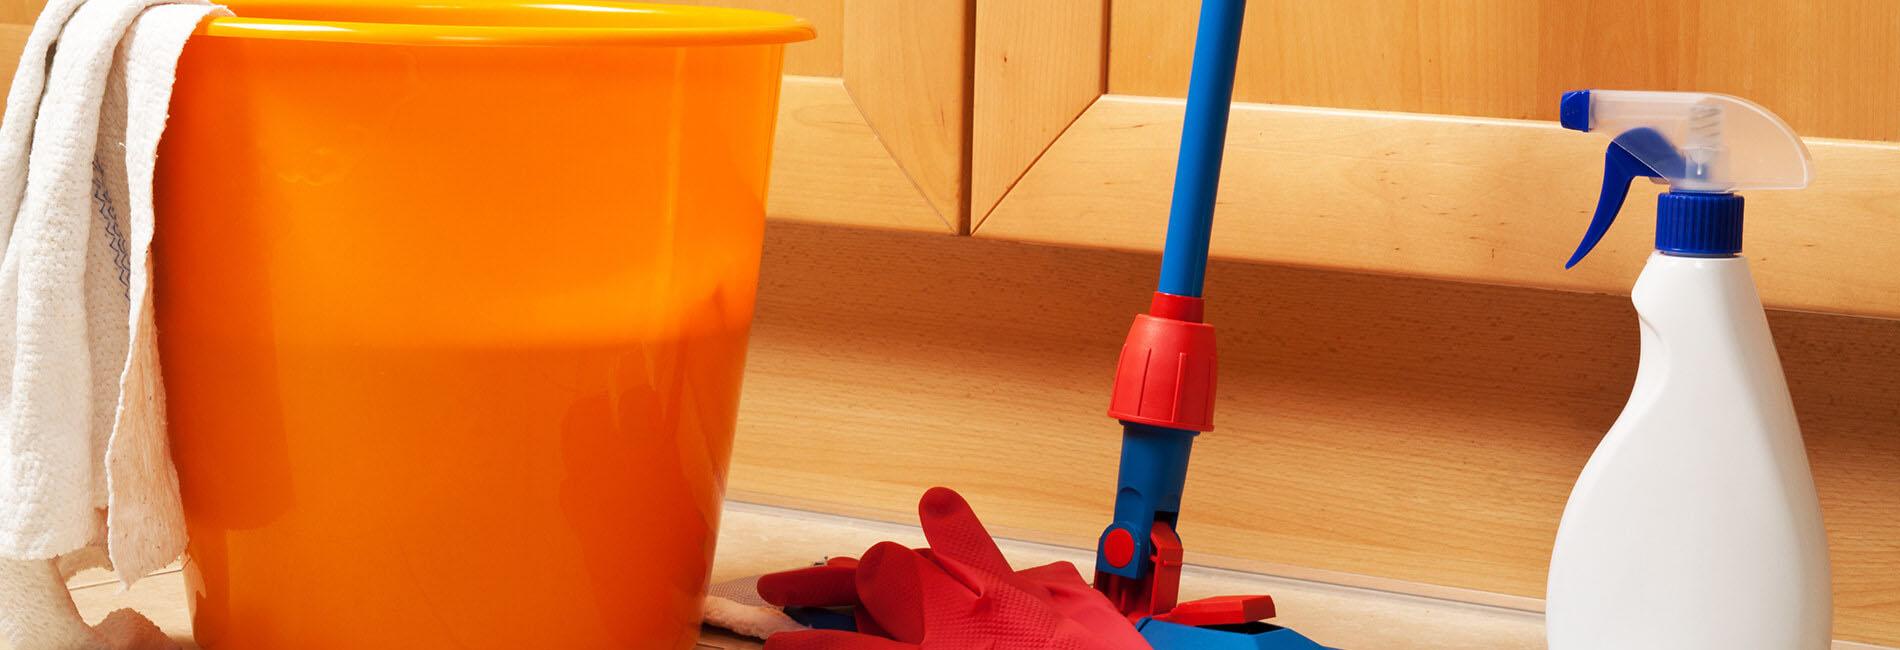 impresa di pulizie - pulizie condominiali - pulizie residenziali